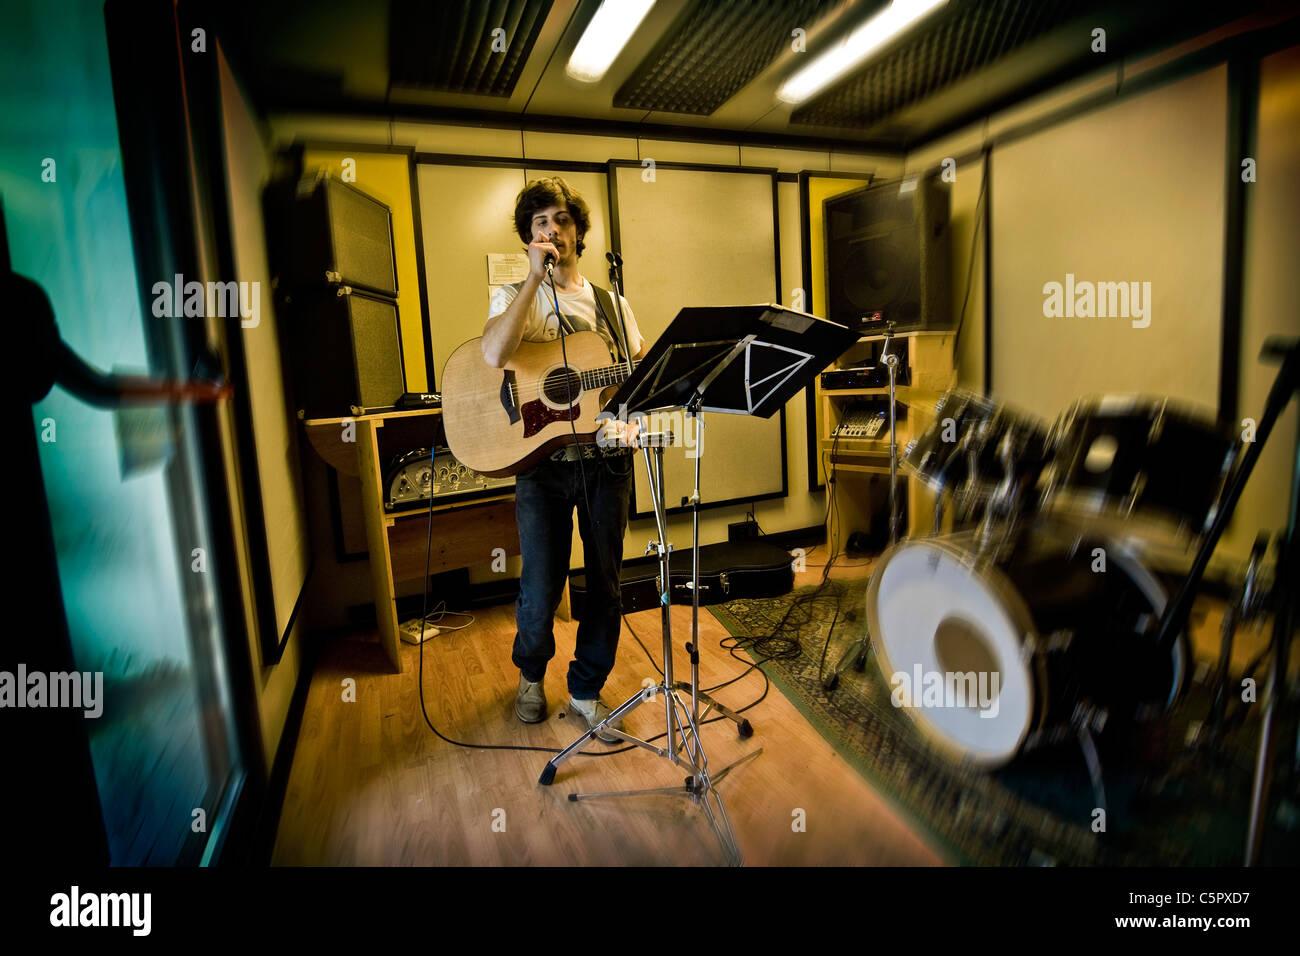 Music Practice Room Stock Photo 37997715 Alamy